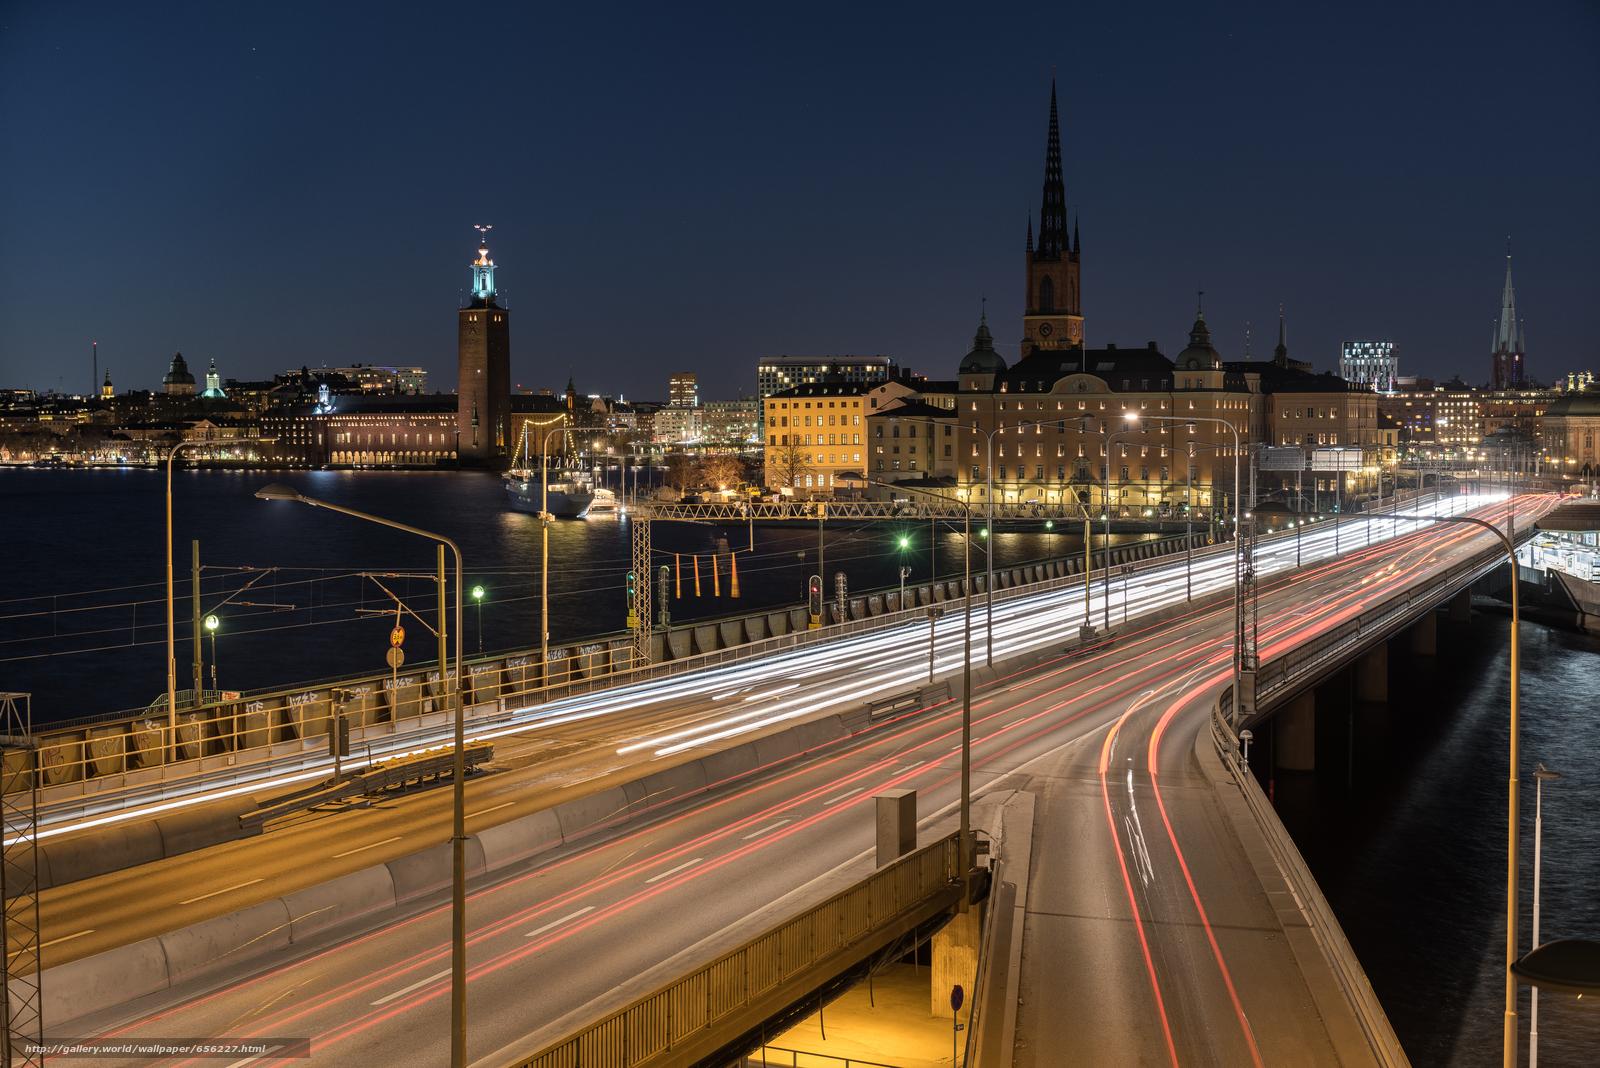 pobra tapety Sztokholm,  Szwecja,  miasto,  noc Darmowe tapety na pulpit rozdzielczoci 7360x4912 — zdjcie №656227